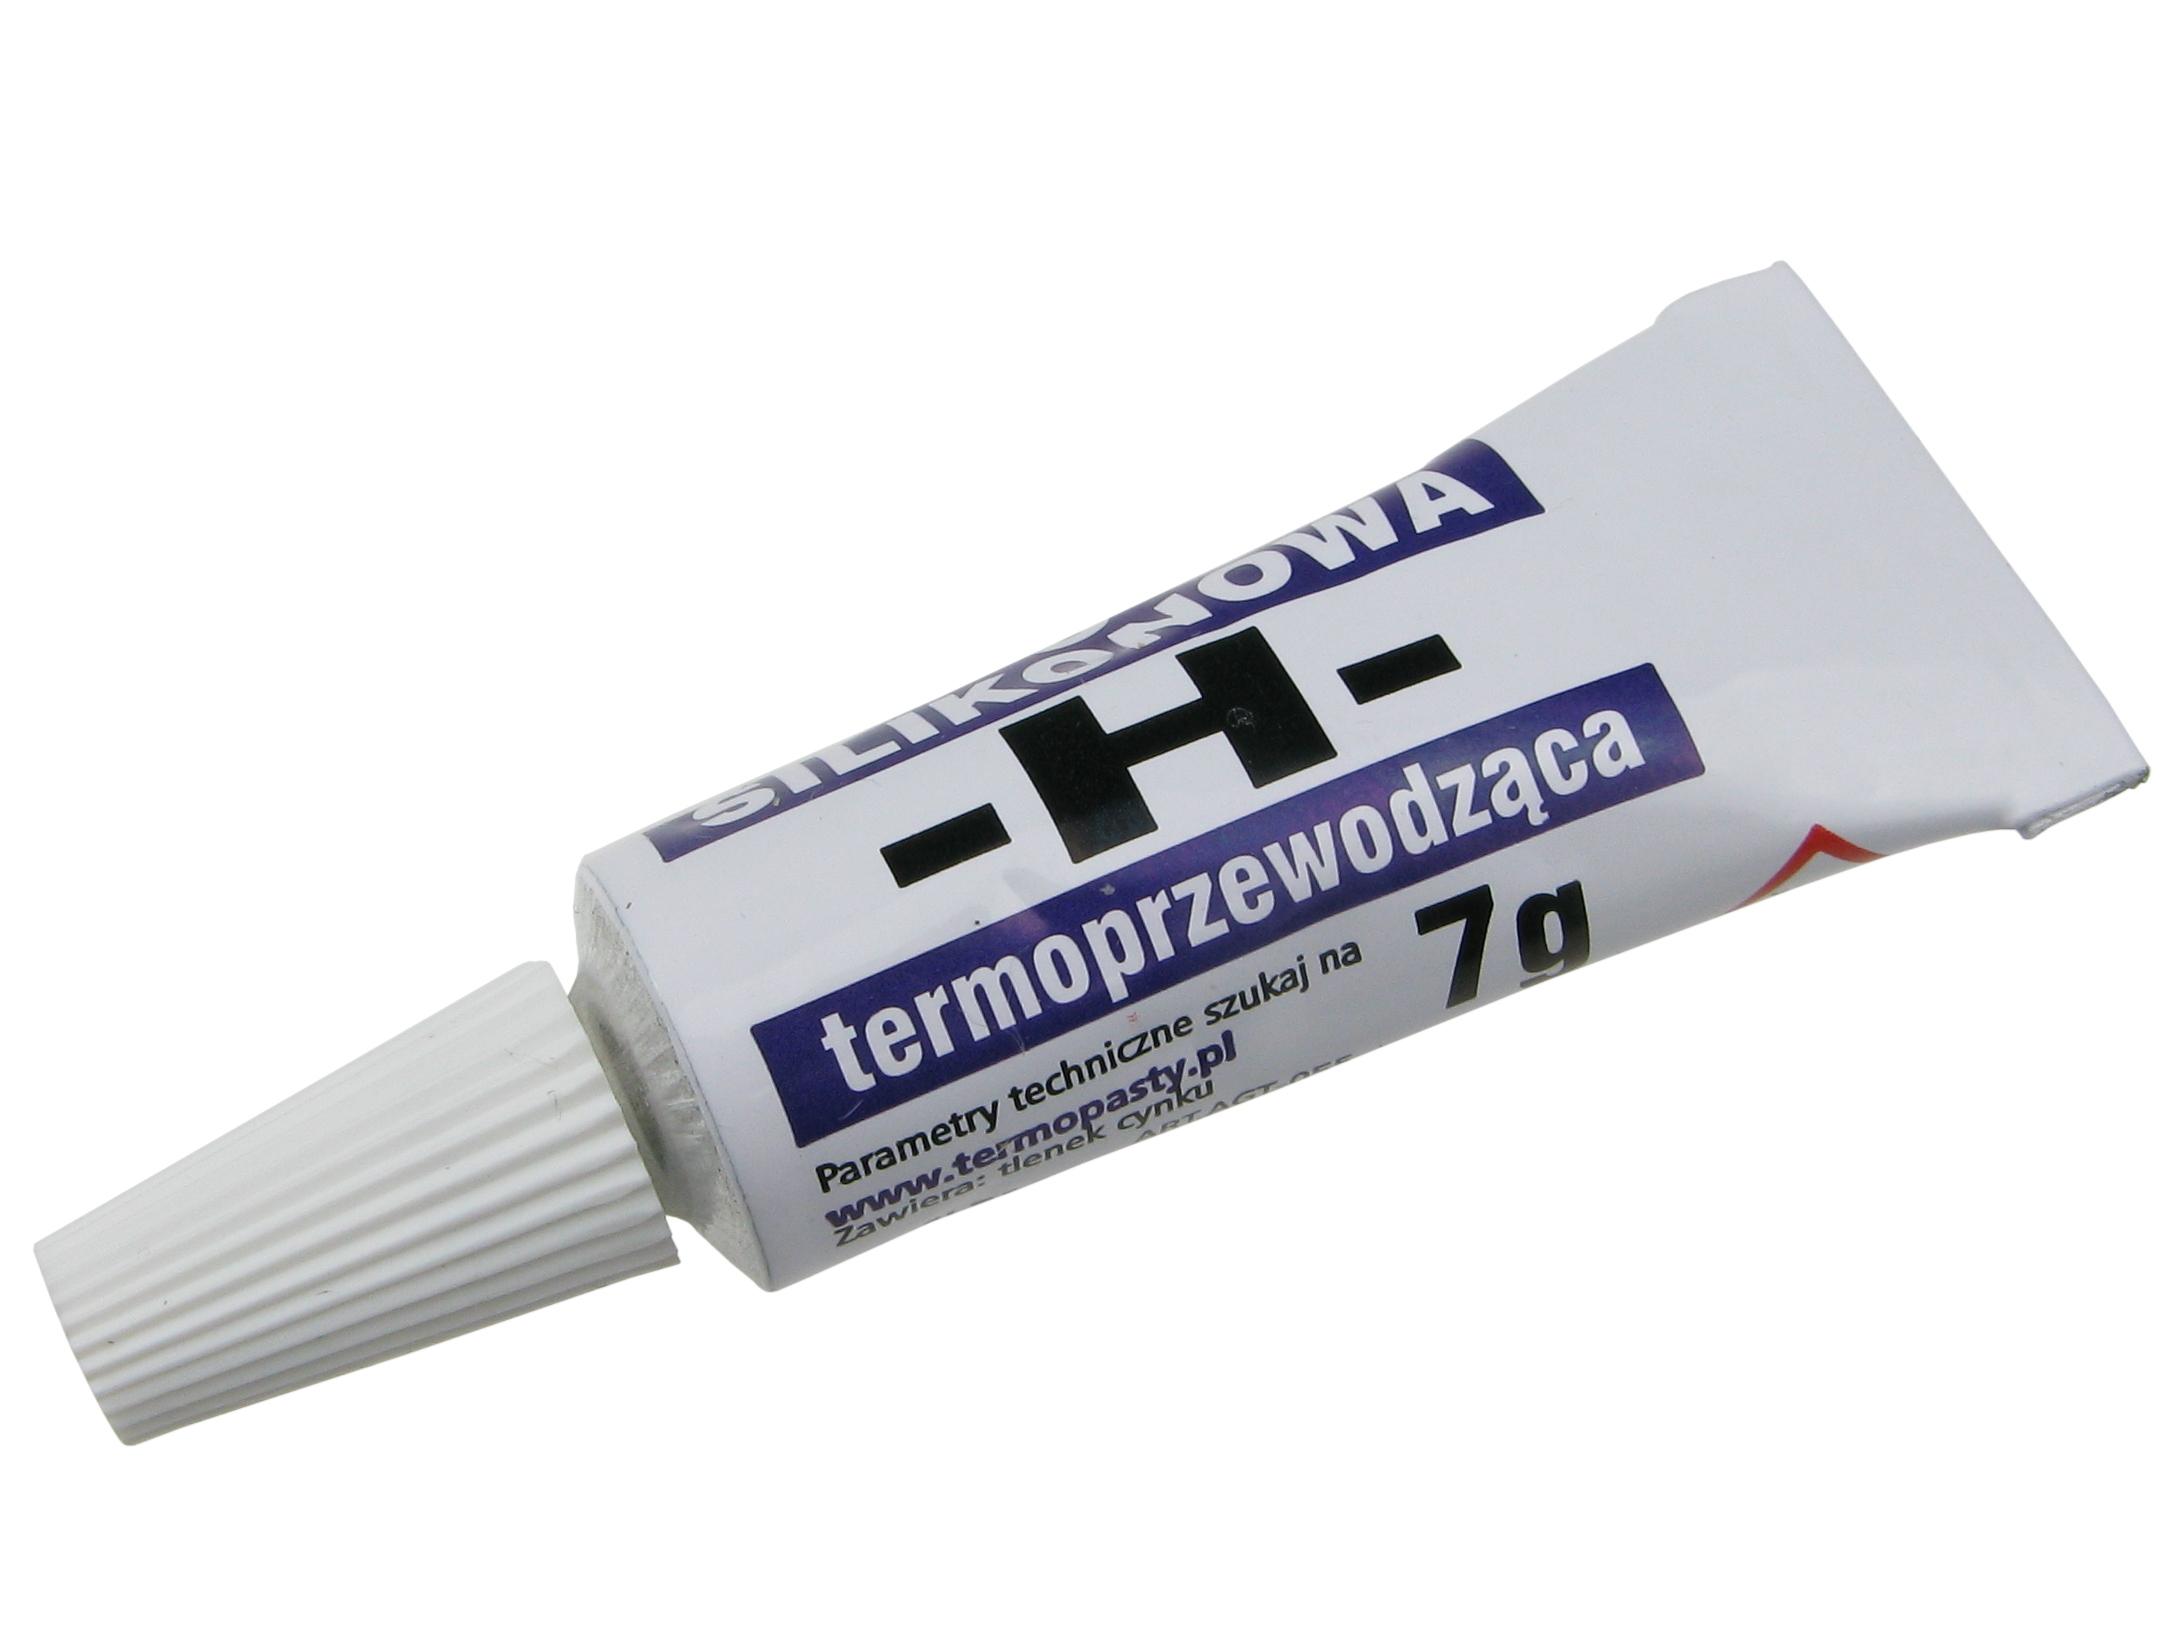 # Pasta silikonowa termoprzewodząca typu H 7g/0793